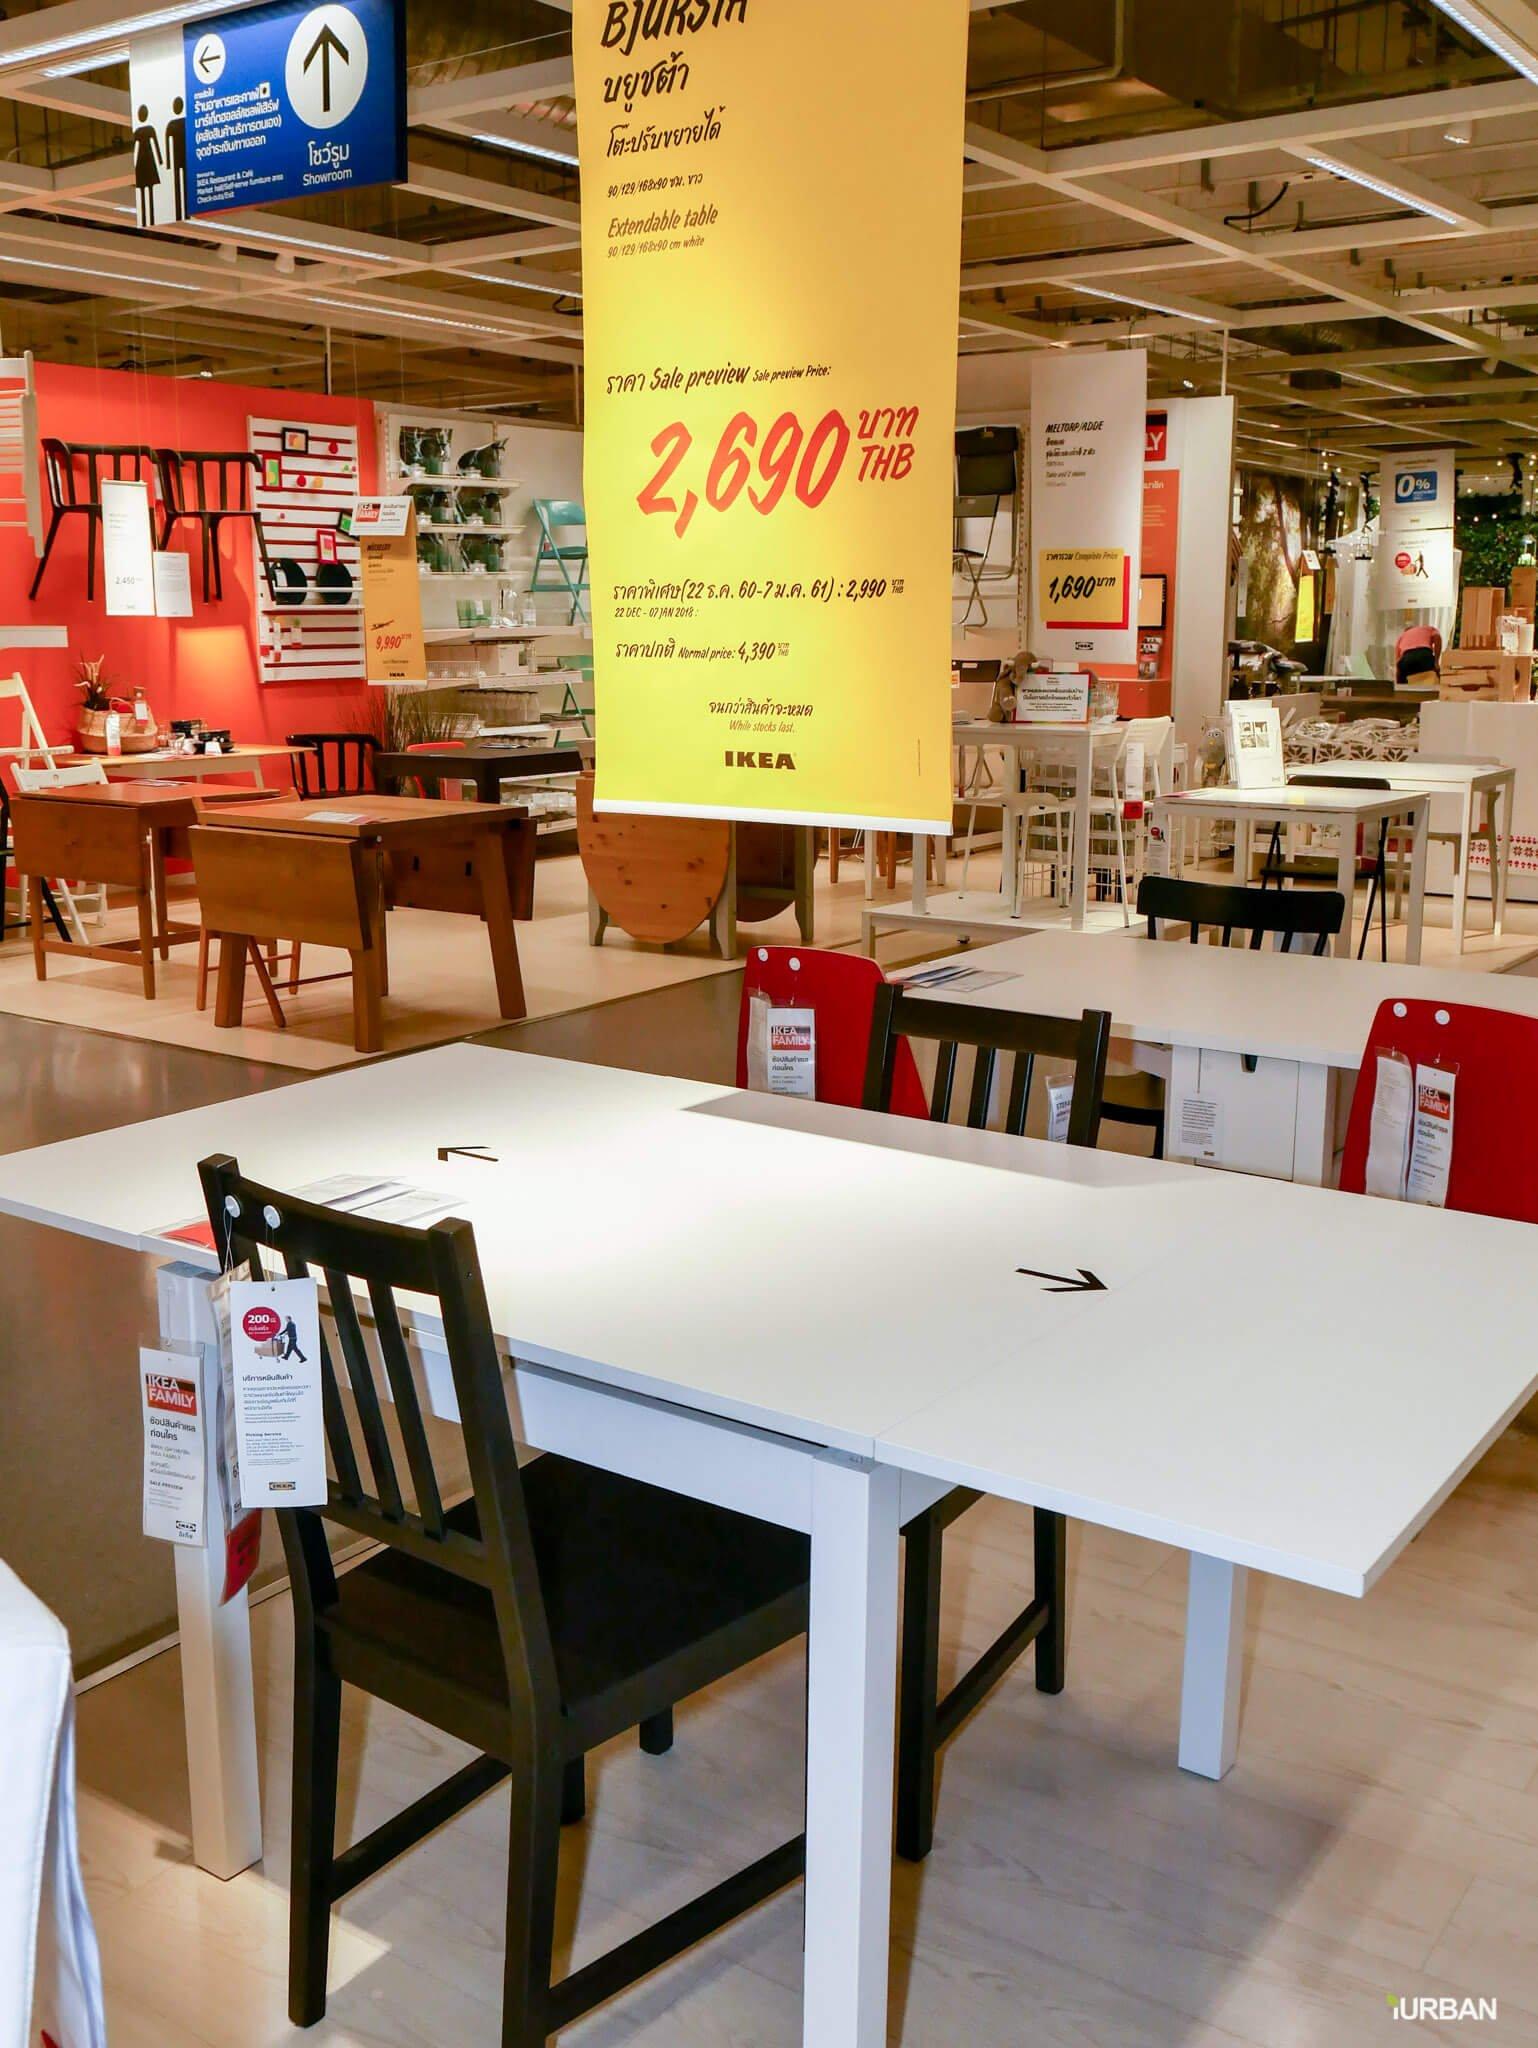 มันเยอะมากกกก!! IKEA Year End SALE 2017 รวมของเซลในอิเกีย ลดเยอะ ลดแหลก รีบพุ่งตัวไป วันนี้ - 7 มกราคม 61 36 - IKEA (อิเกีย)